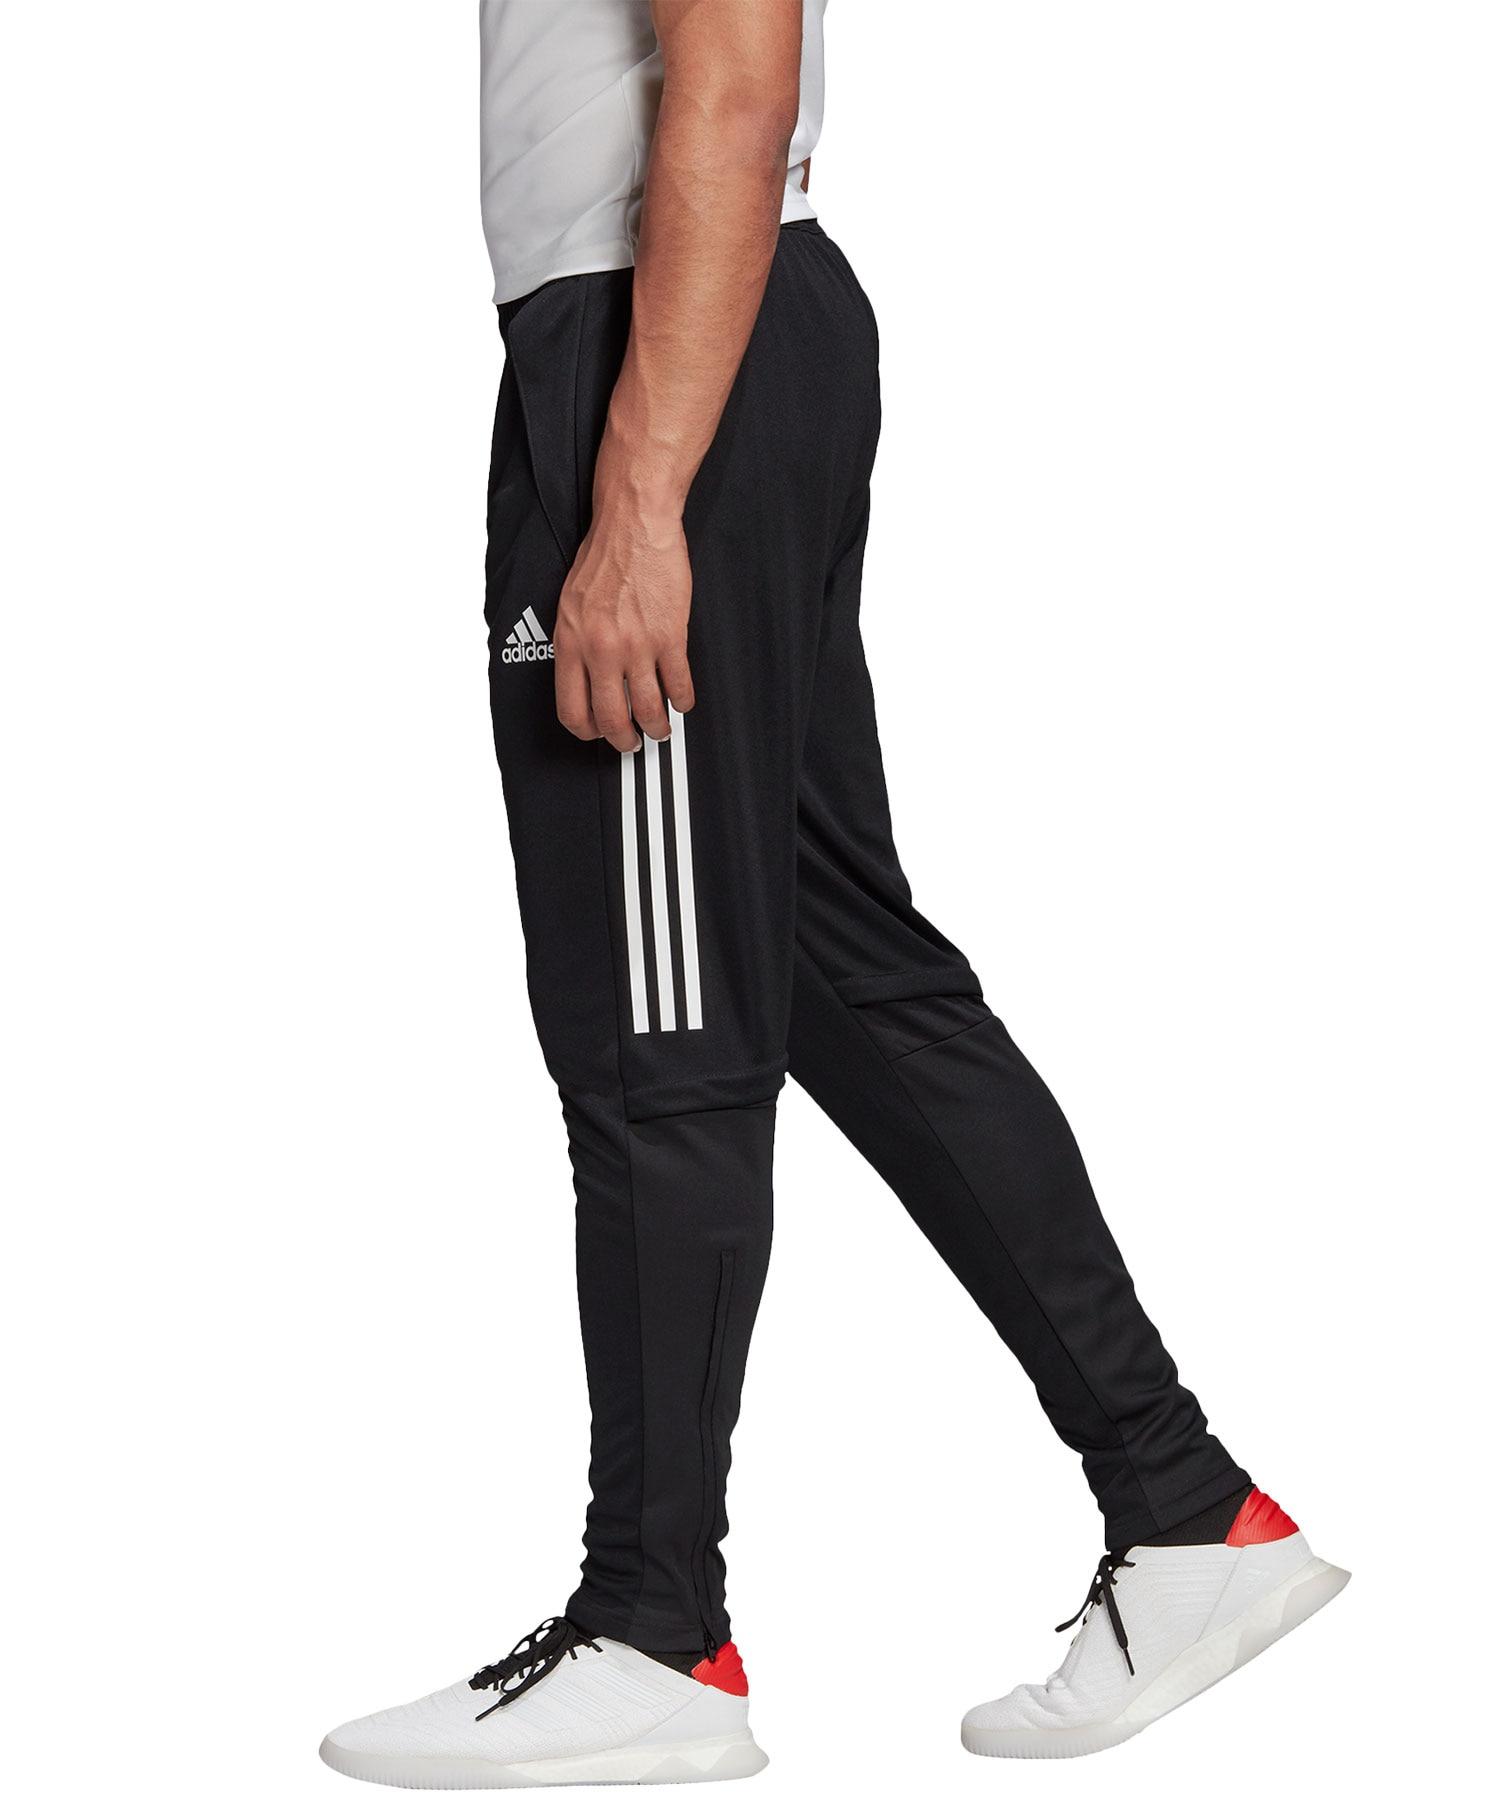 adidas CONDIVO20 bukse